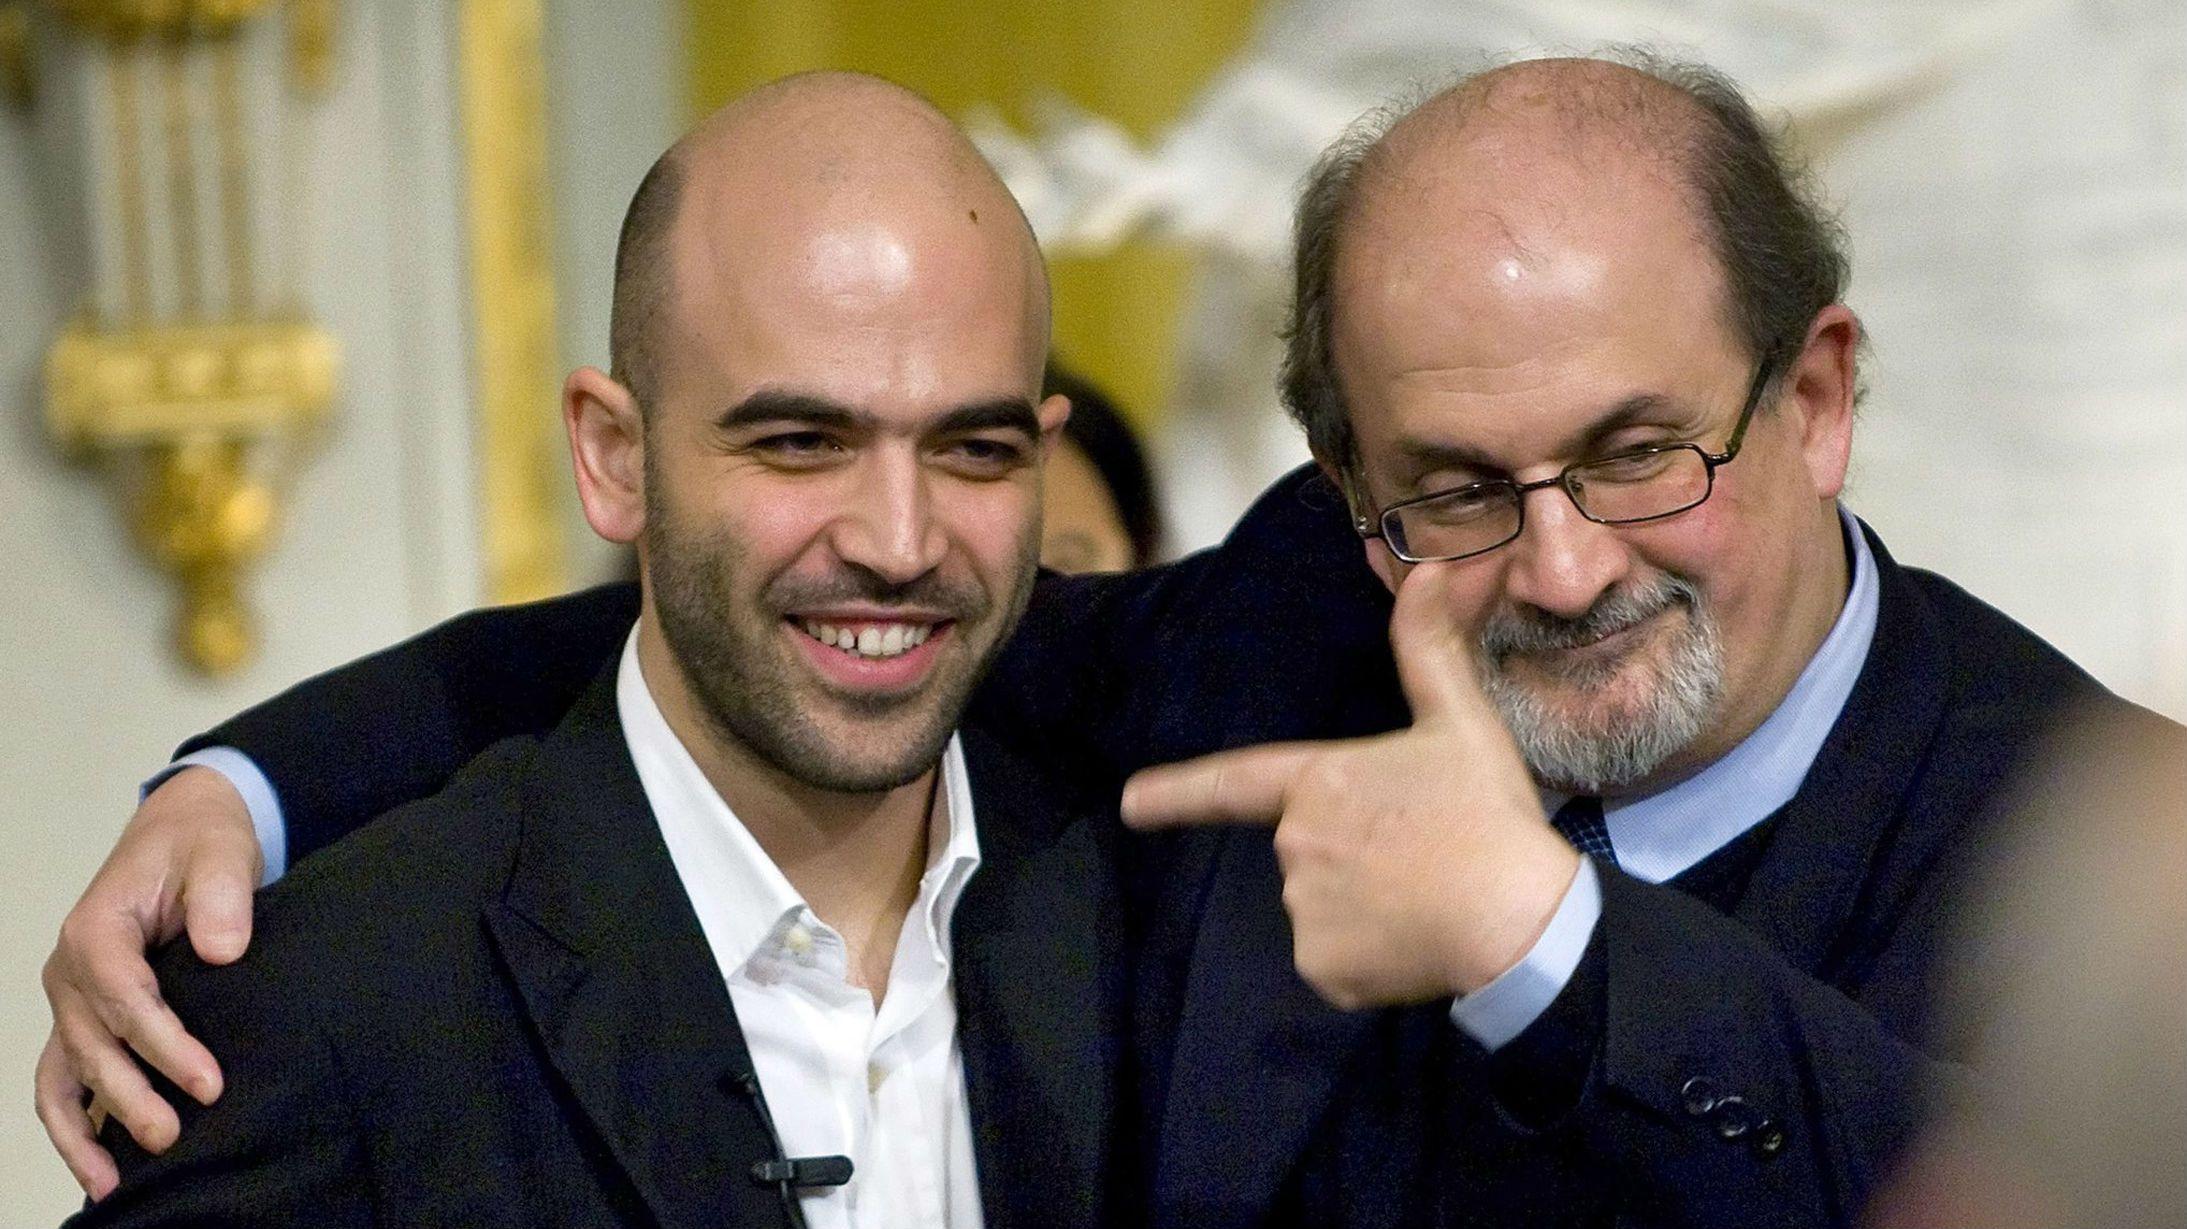 Rushdie and Saviano